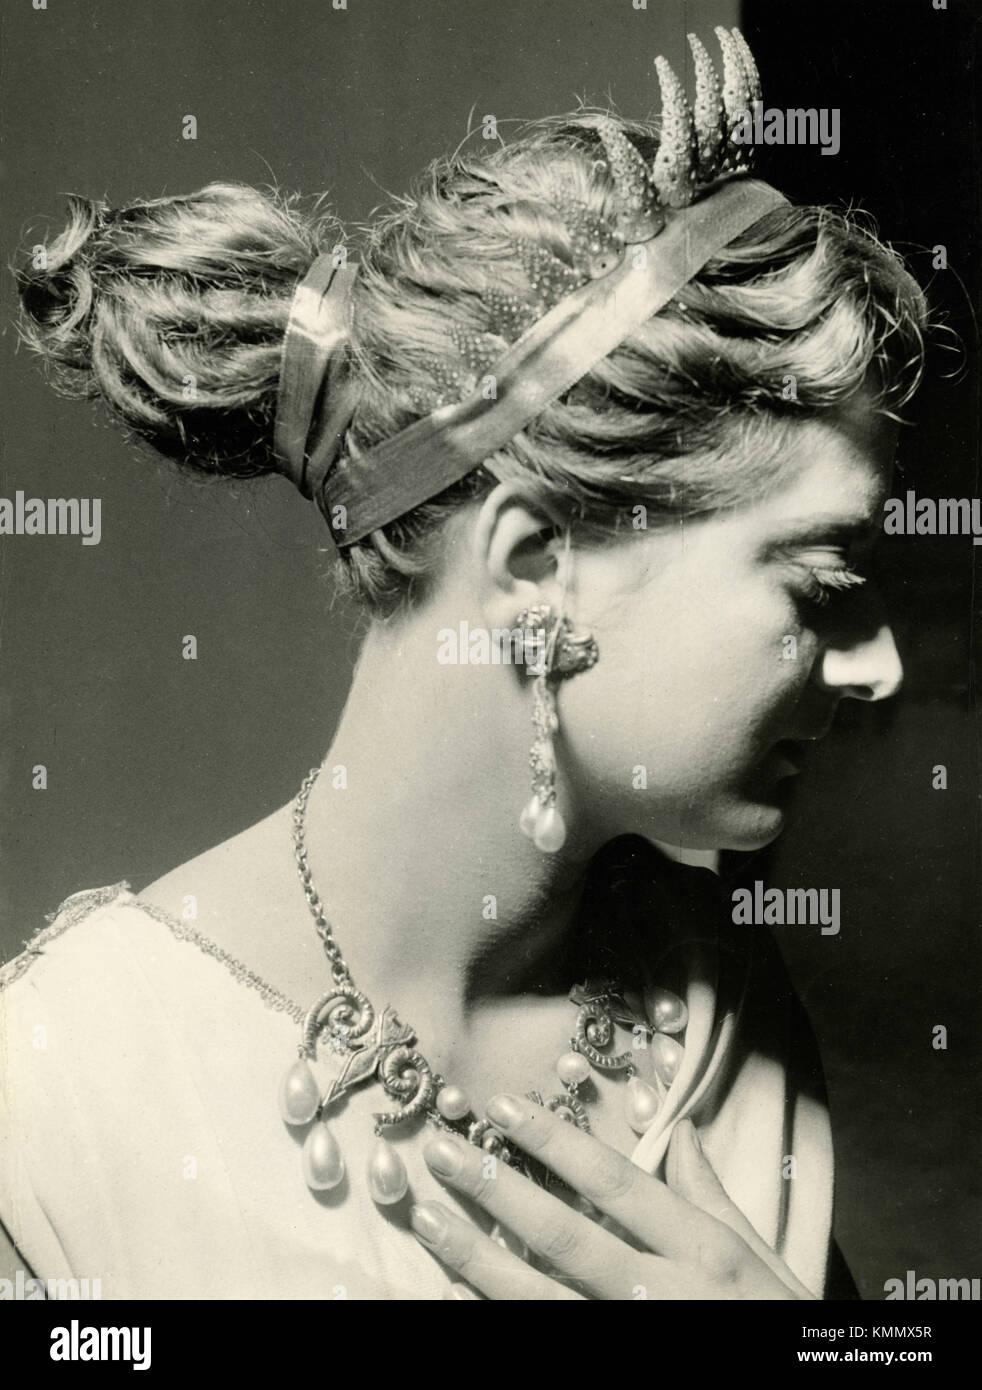 Dans le modèle à toga coiffure show, Italie 1960 Photo Stock